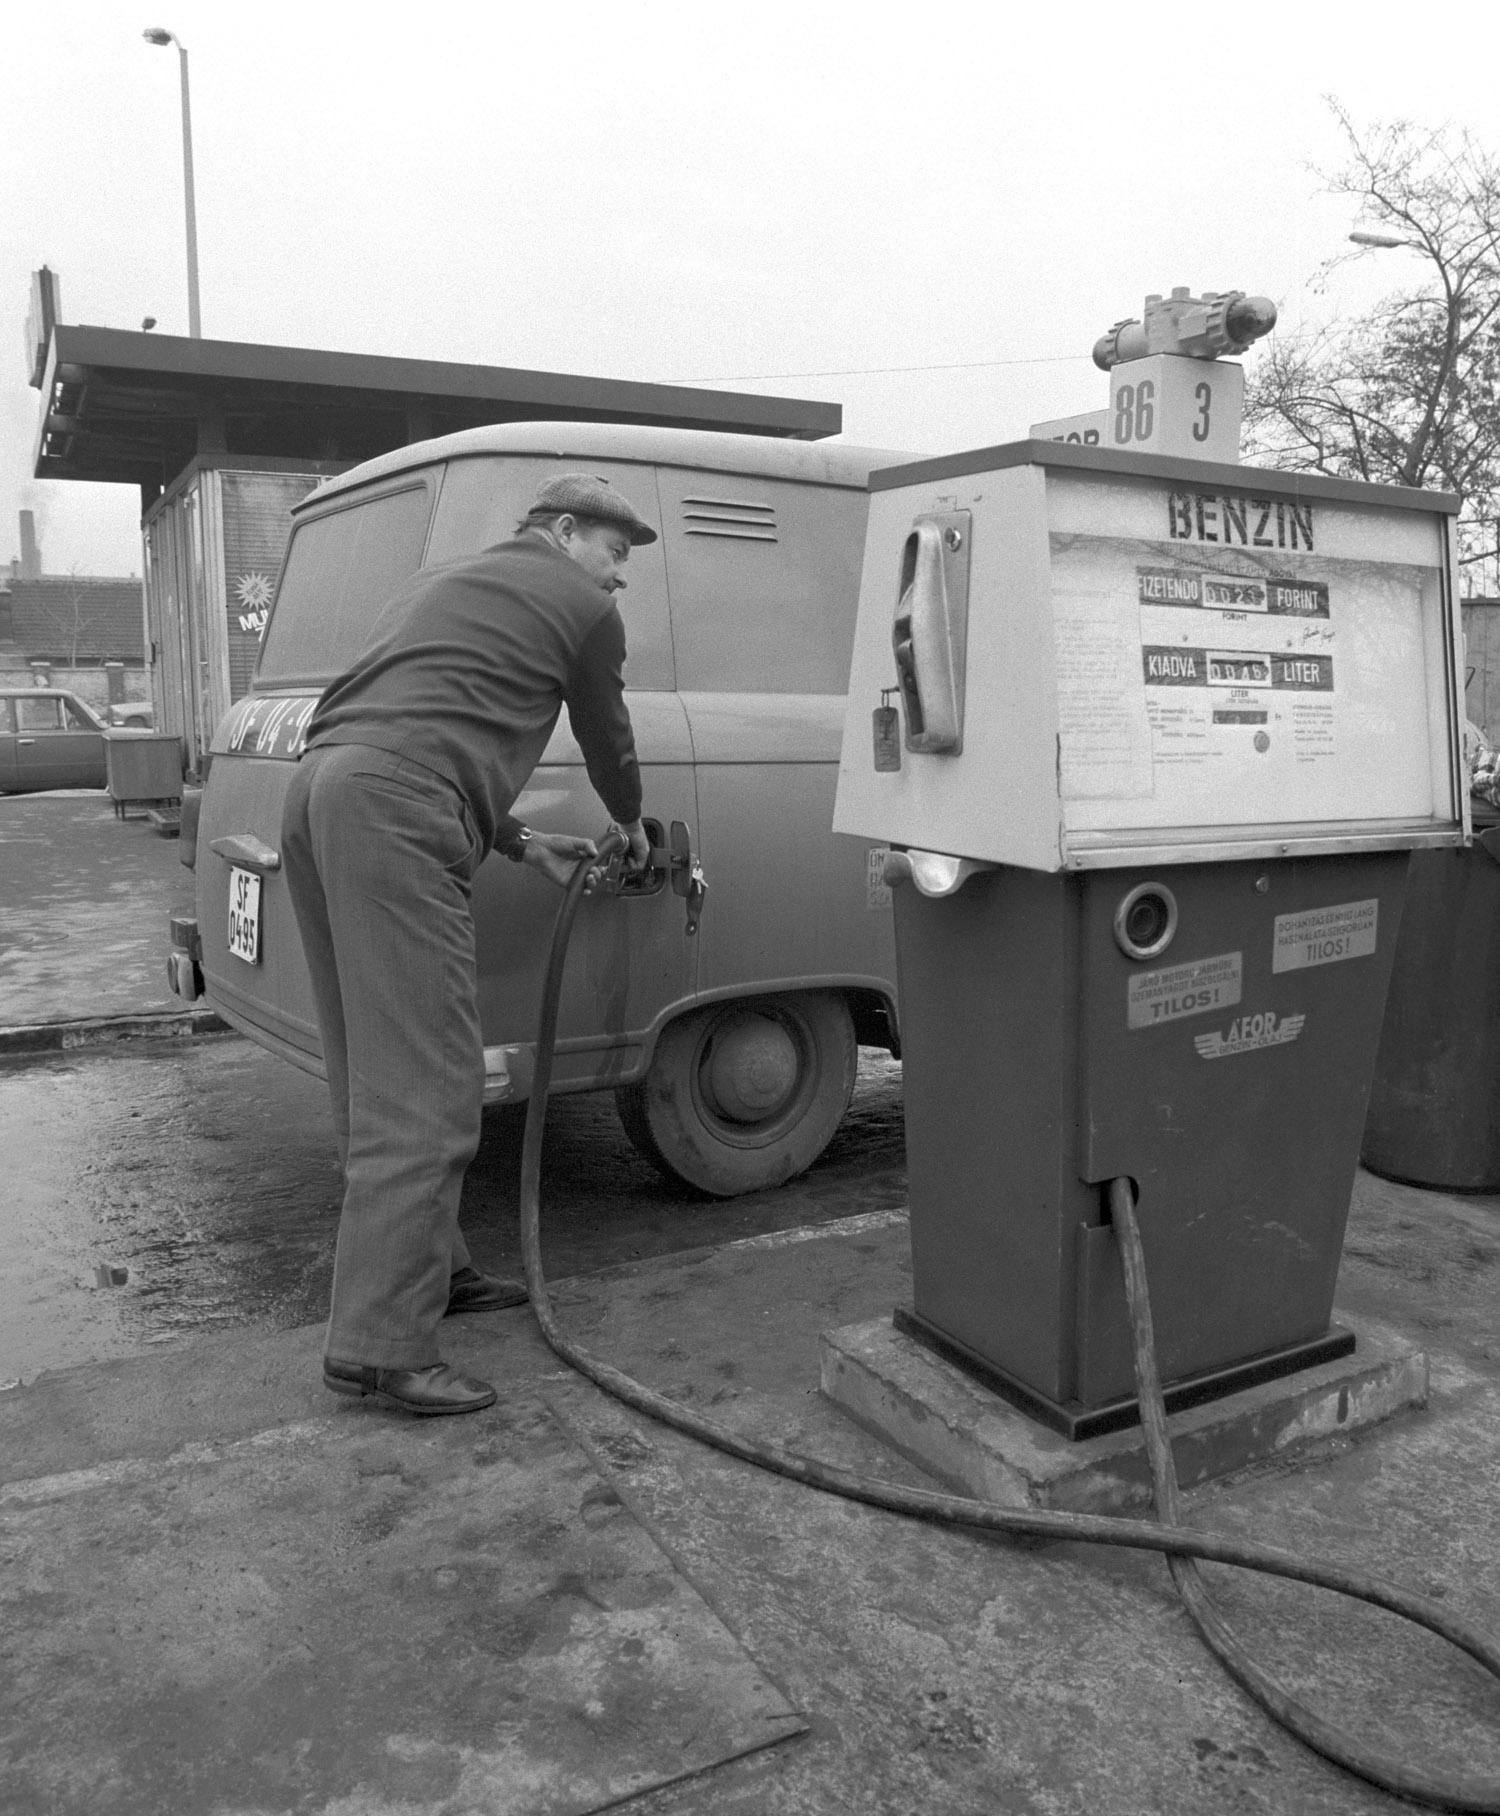 Budapest, 1977. január 26. Sofõr tankol az ország elsõ önkiszolgáló üzemanyagtöltõ állomásán: az ÁFOR (Ásványolaj Forgalmazó Vállalat) Kerepesi úti benzinkútjánál. MTI Fotó: E. Várkonyi Péter